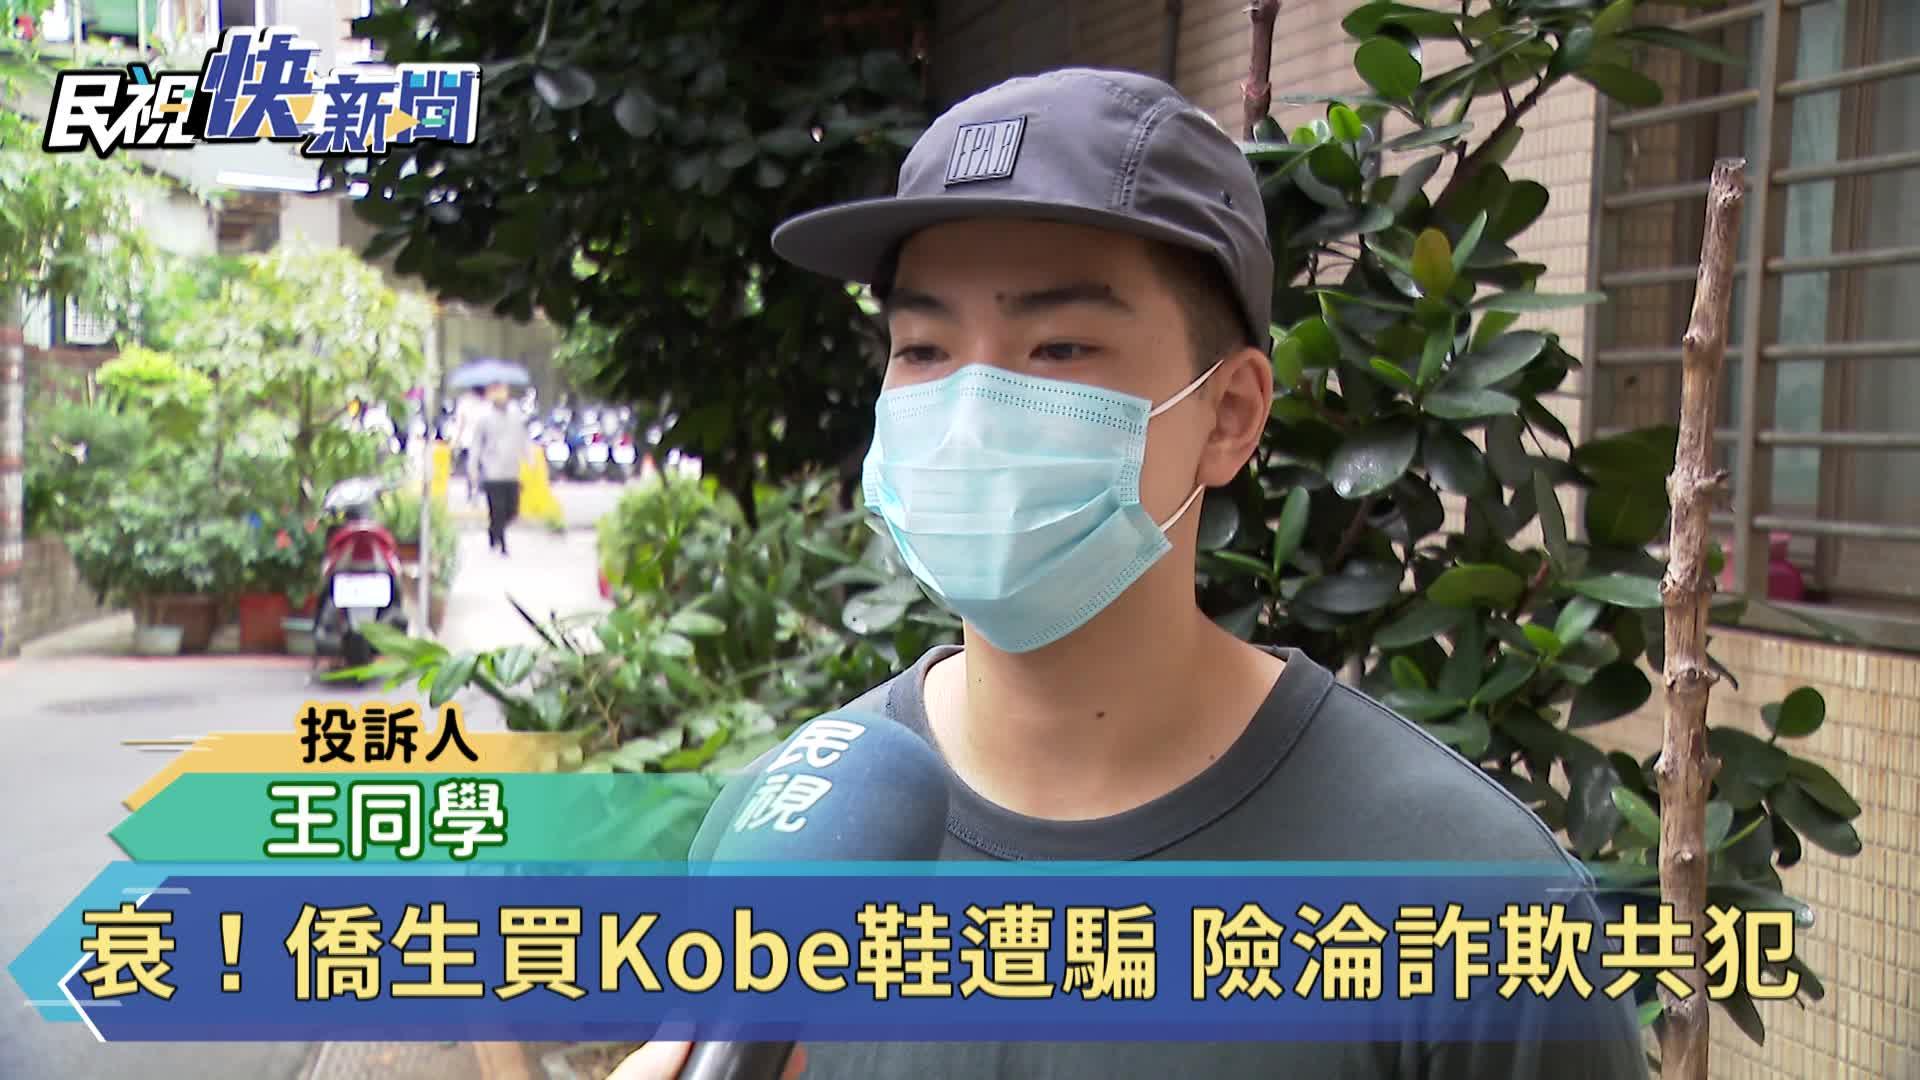 衰!僑生買Kobe鞋遭騙 險淪詐欺共犯